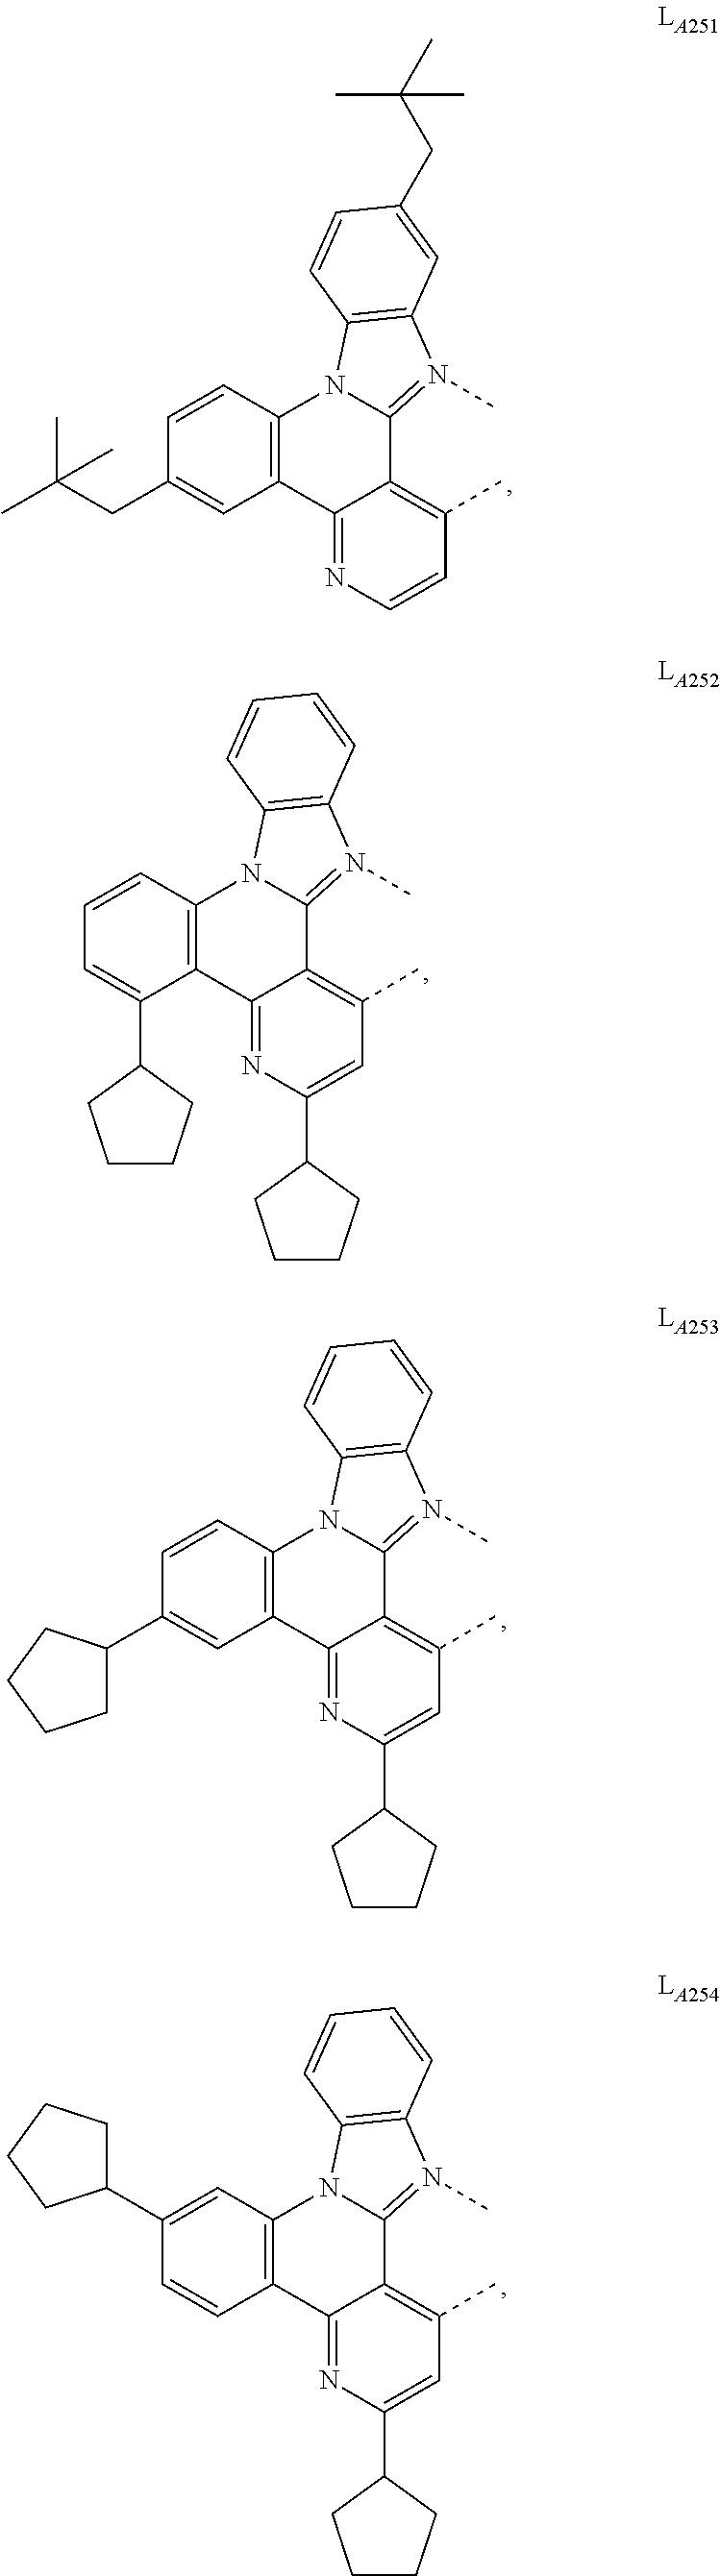 Figure US09905785-20180227-C00478